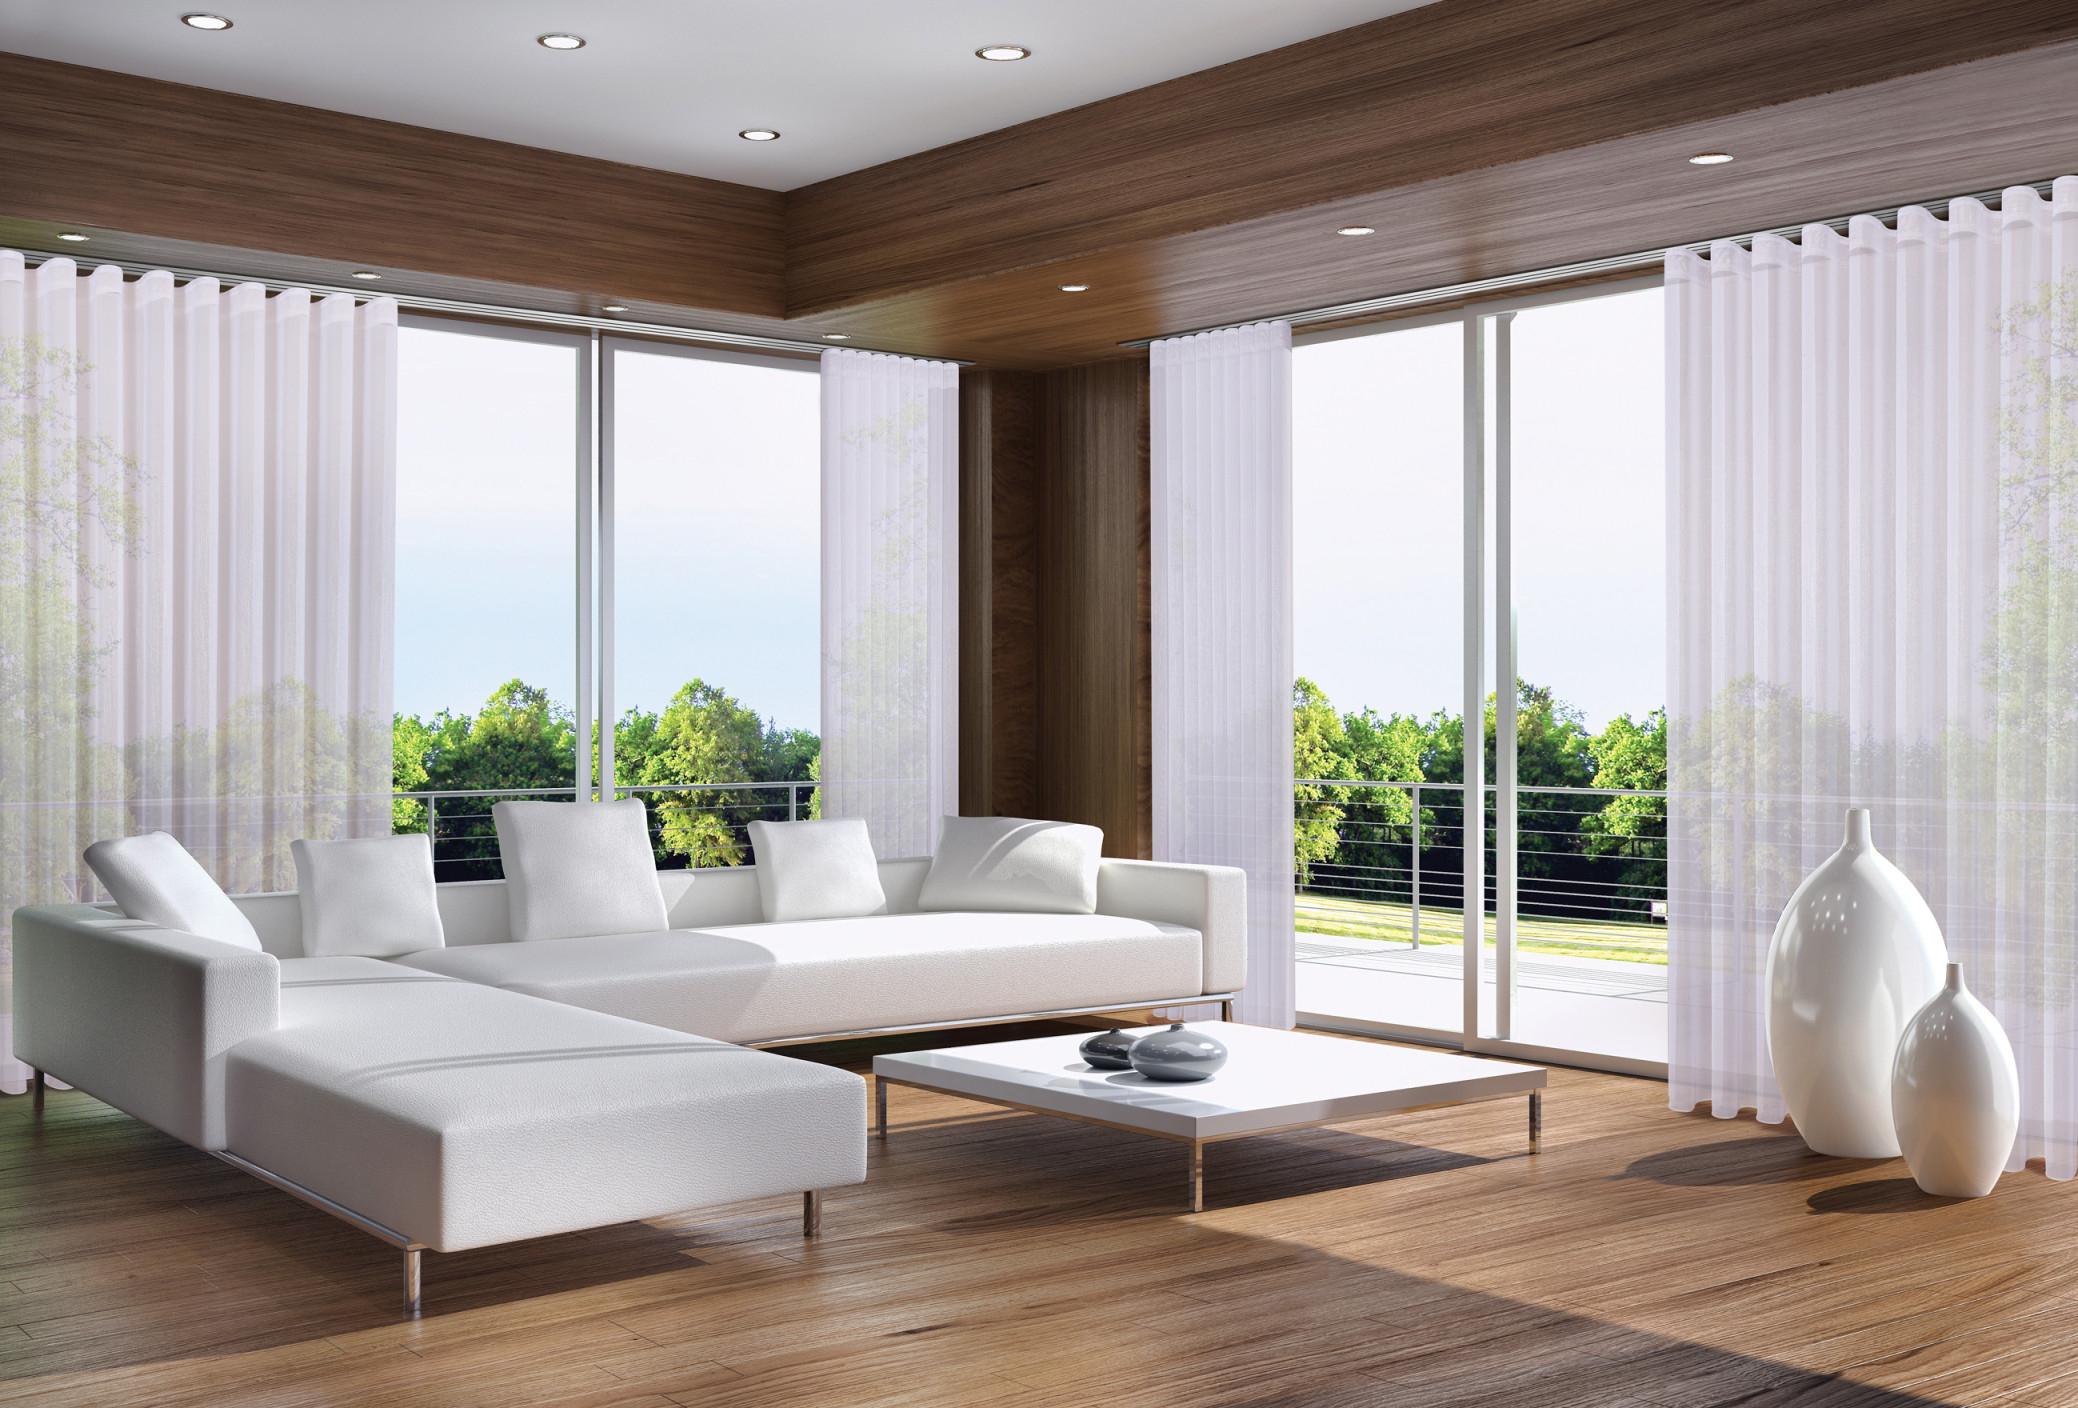 Gardinen Für Große Fensterfronten  Tipps Für Die Auswahl von Gardinen Dekorationsvorschläge Wohnzimmer Modern Photo